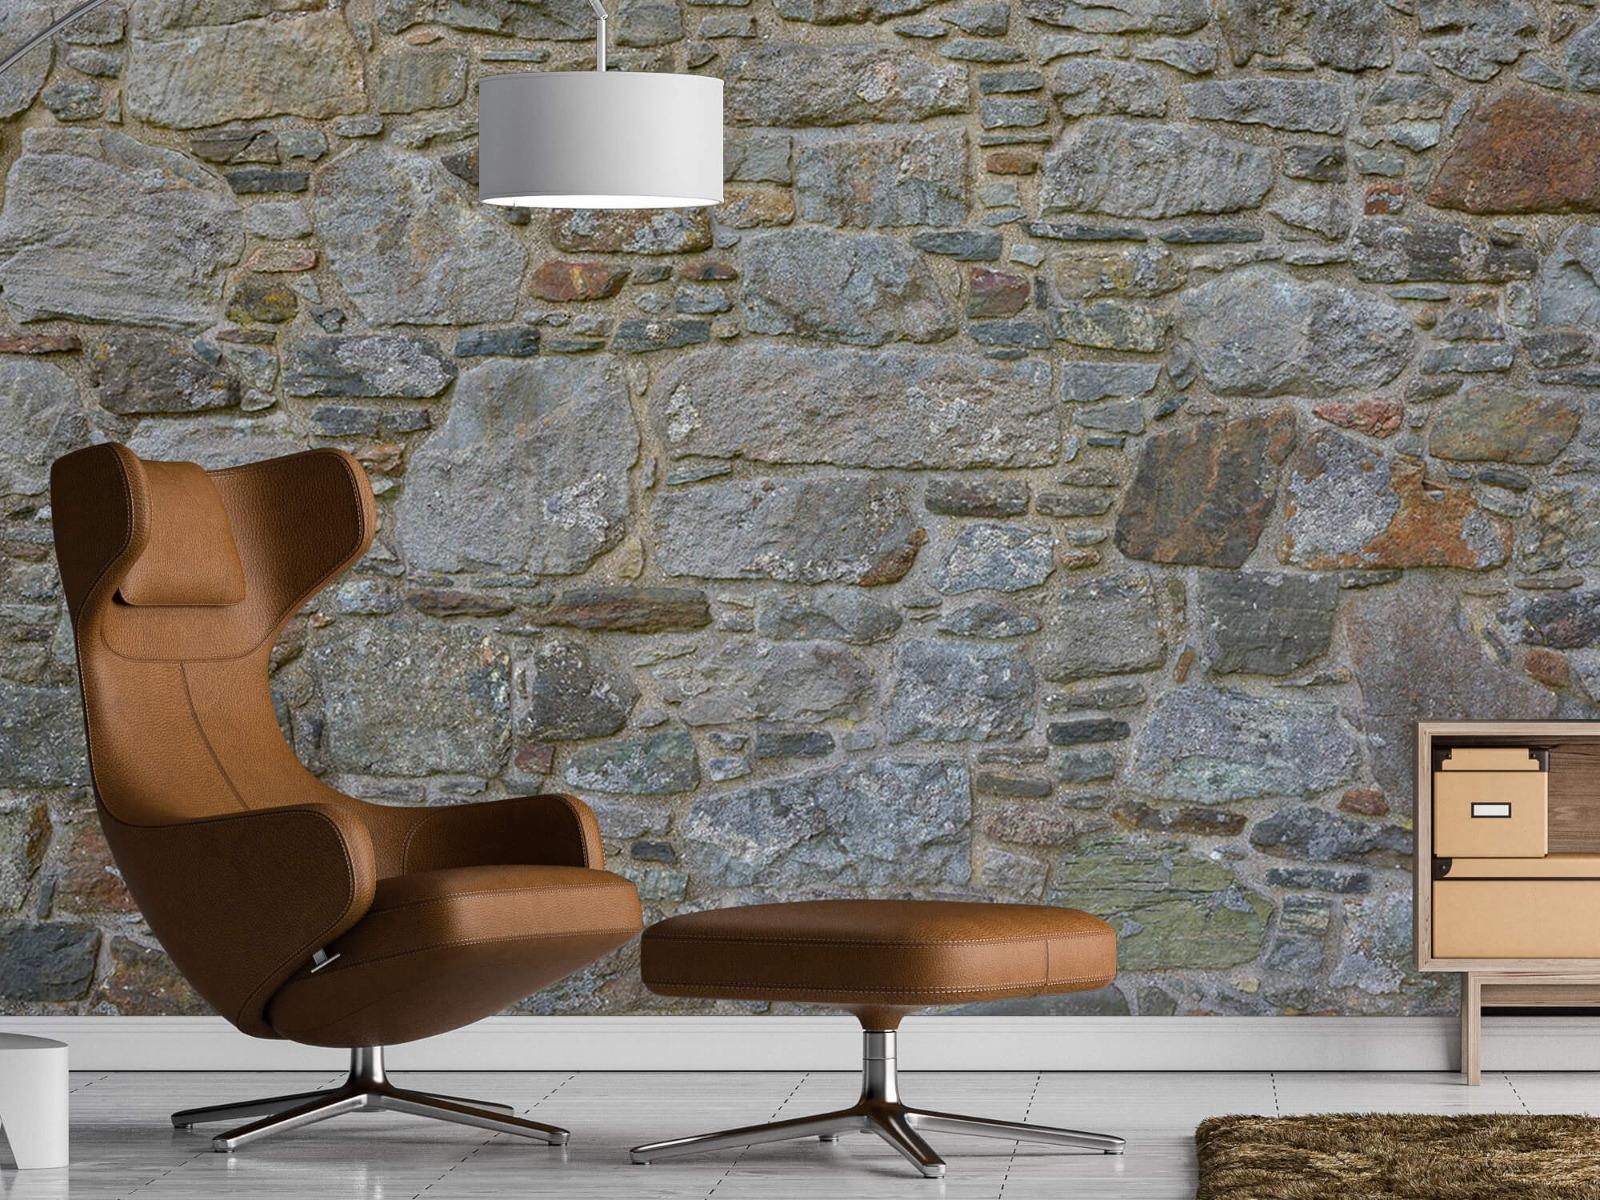 Papier peint en pierre - Mur de pierre médiéval - Chambre à coucher 20